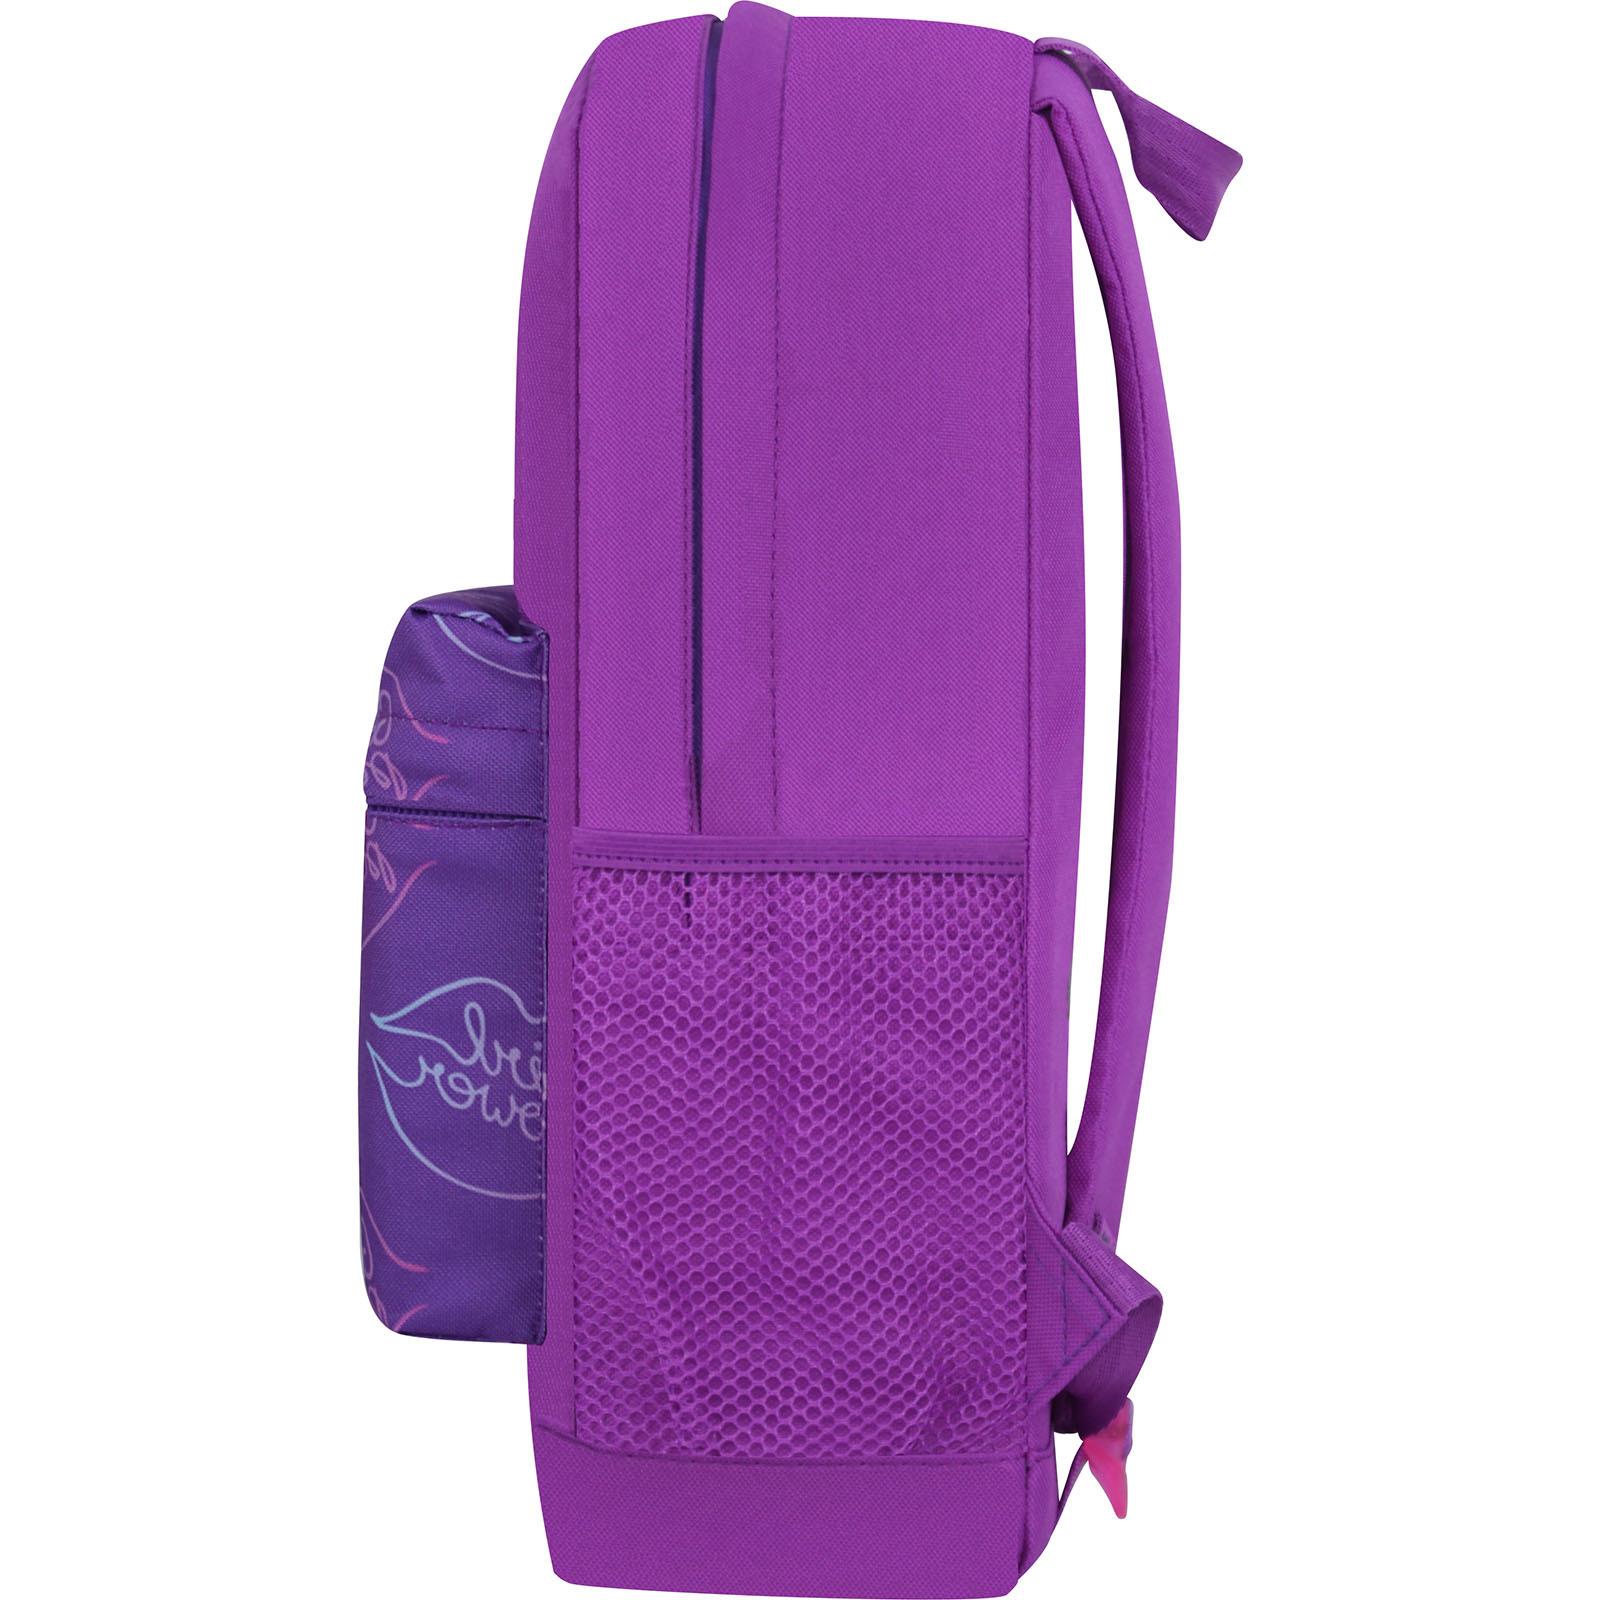 Рюкзак Bagland Молодежный W/R 17 л. 170 Фиолетовый 772 (00533662) фото 3